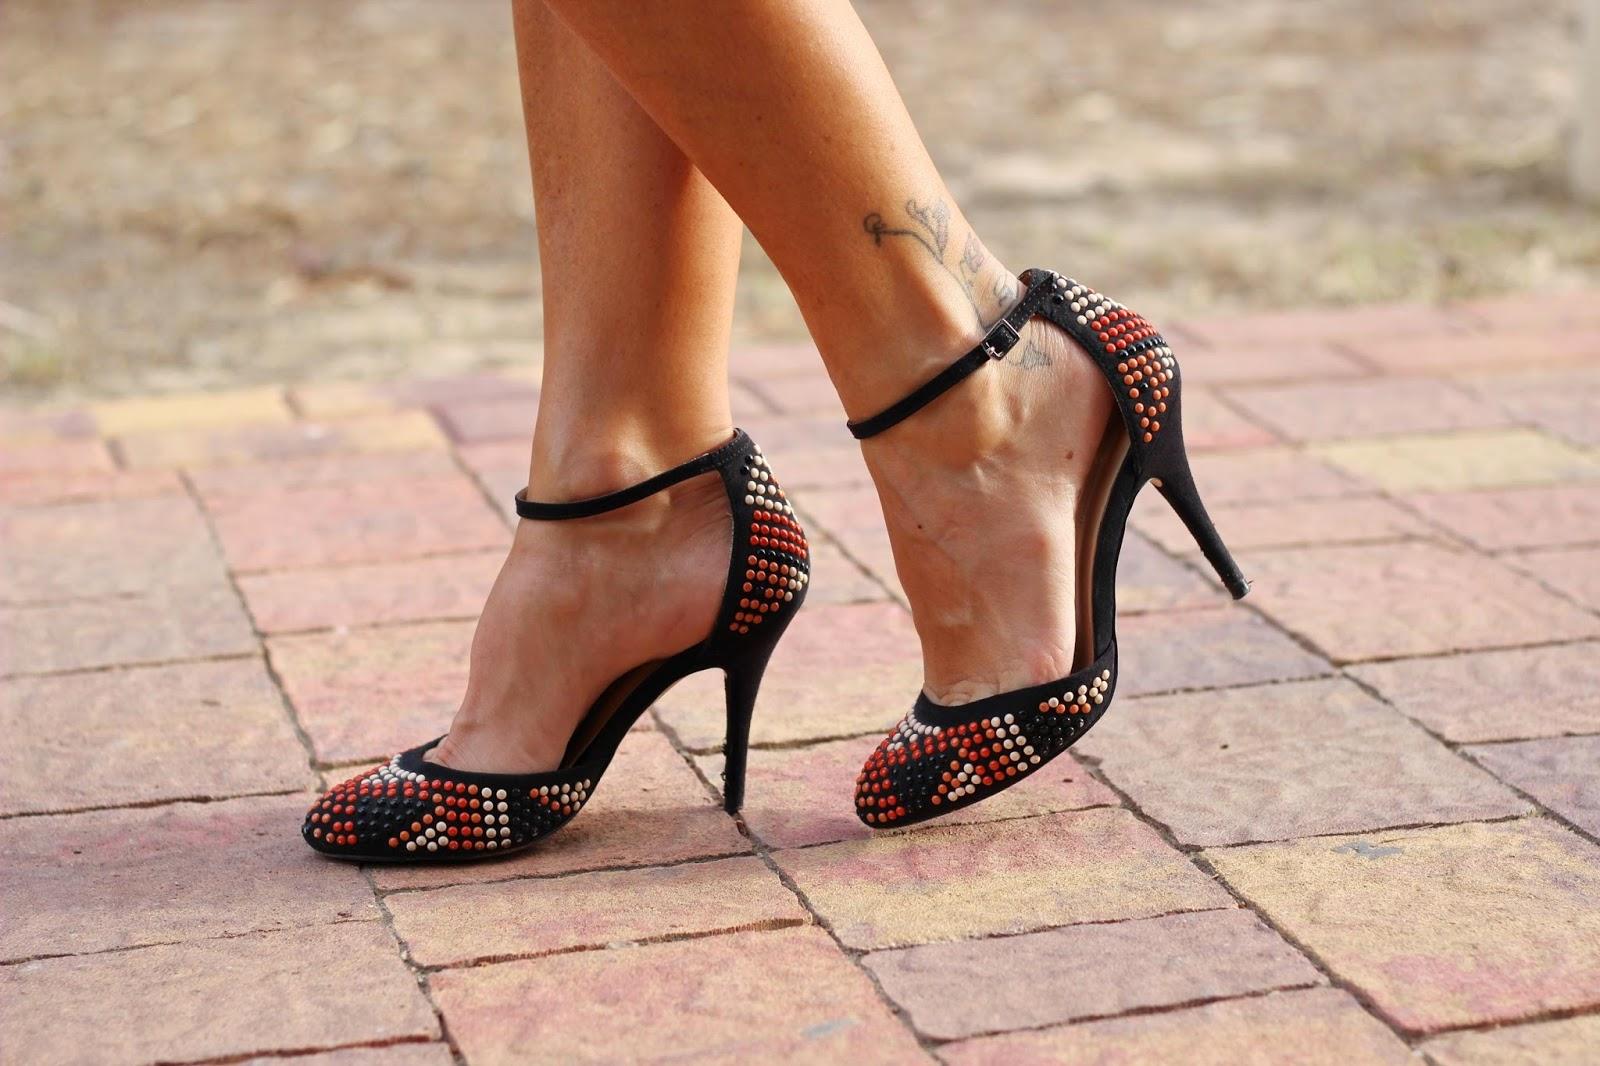 Calzado Zara